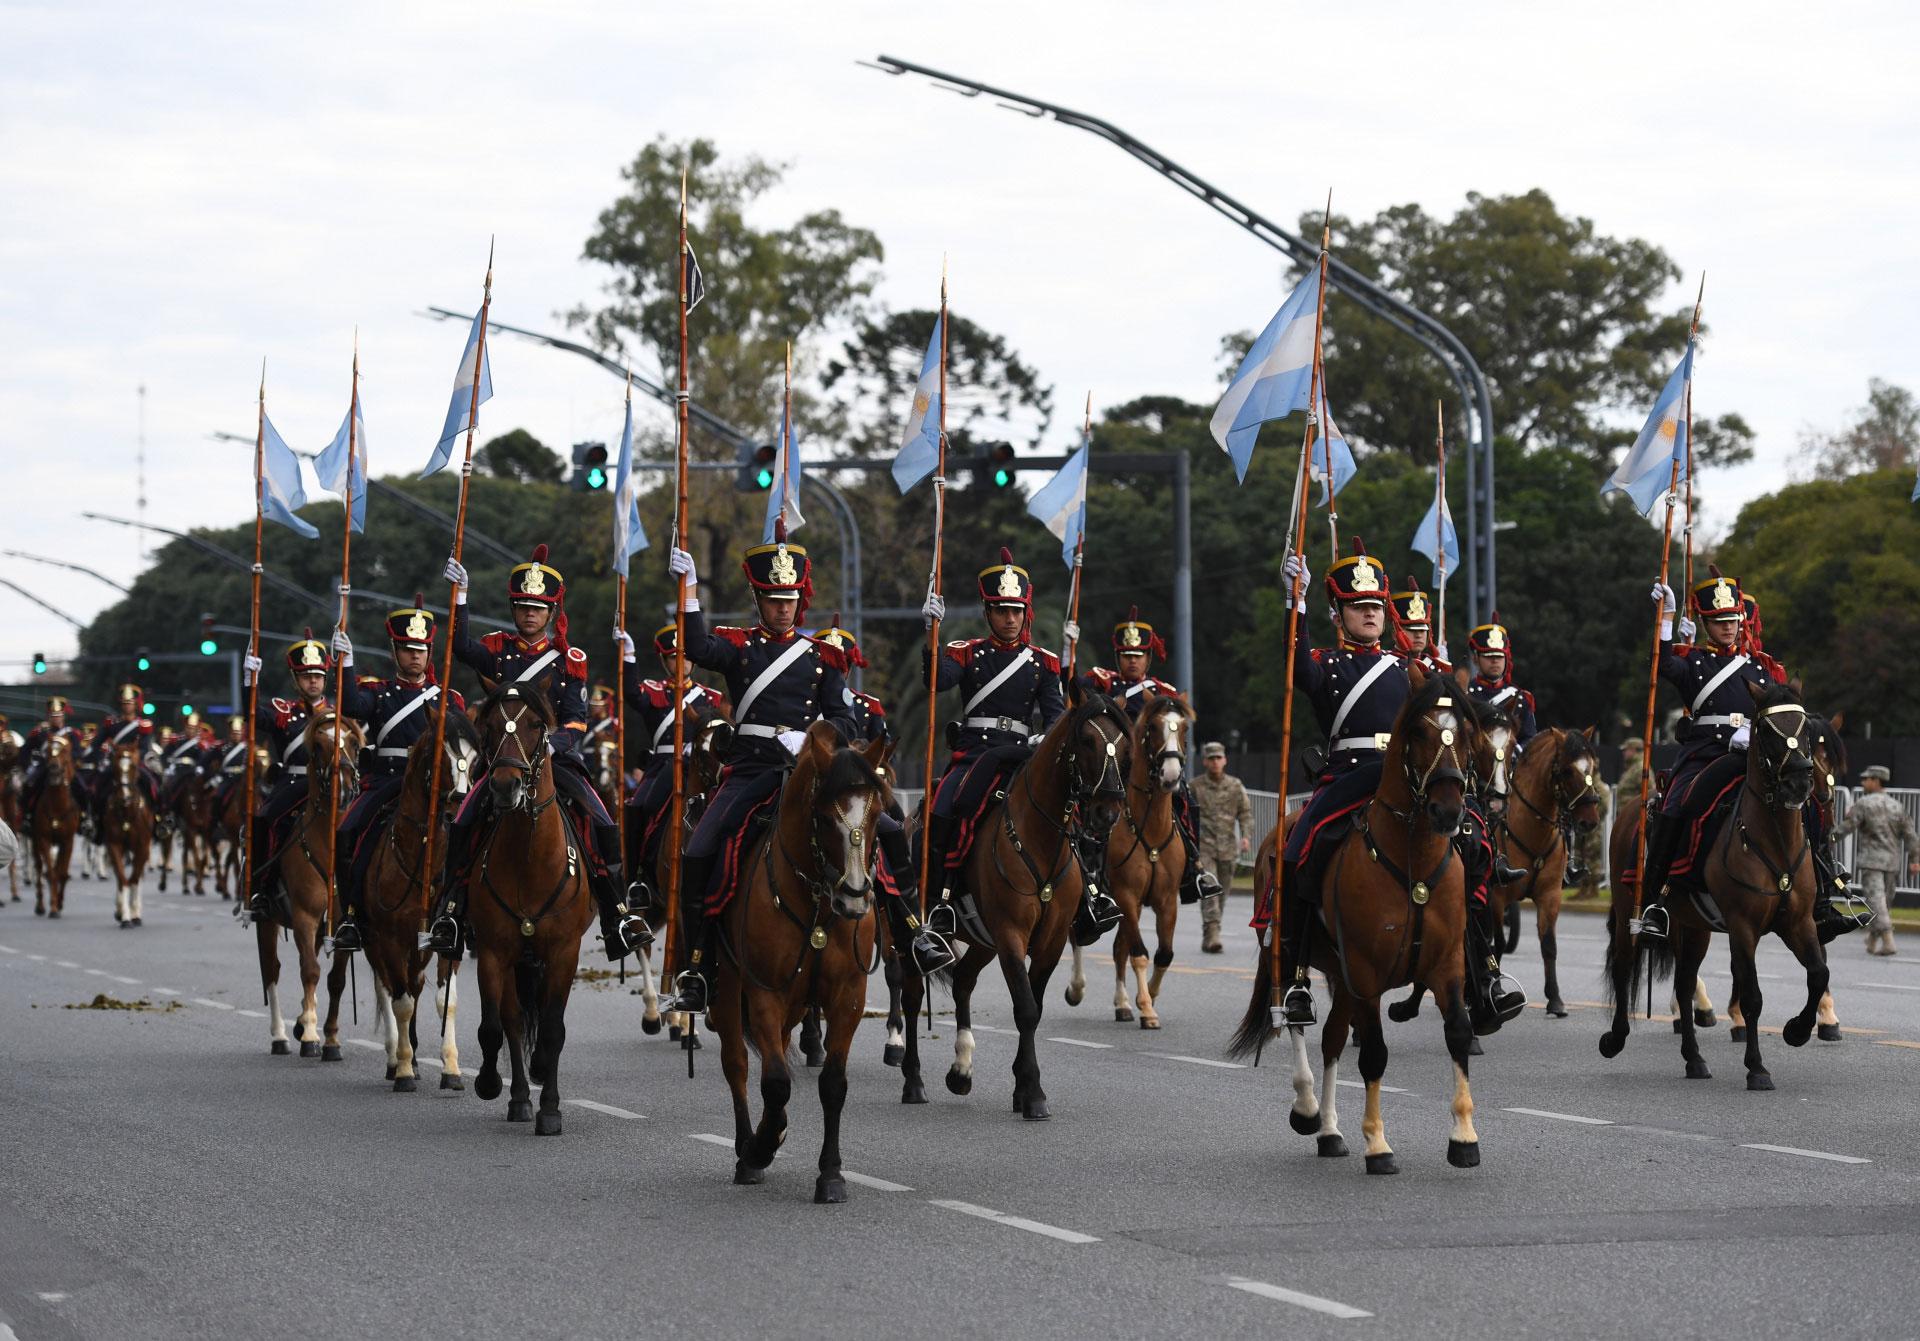 Los desfiles militares de celebración del 9 de julio se volvieron a realizar hace tres años en virtud al Bicentenario de la Independencia